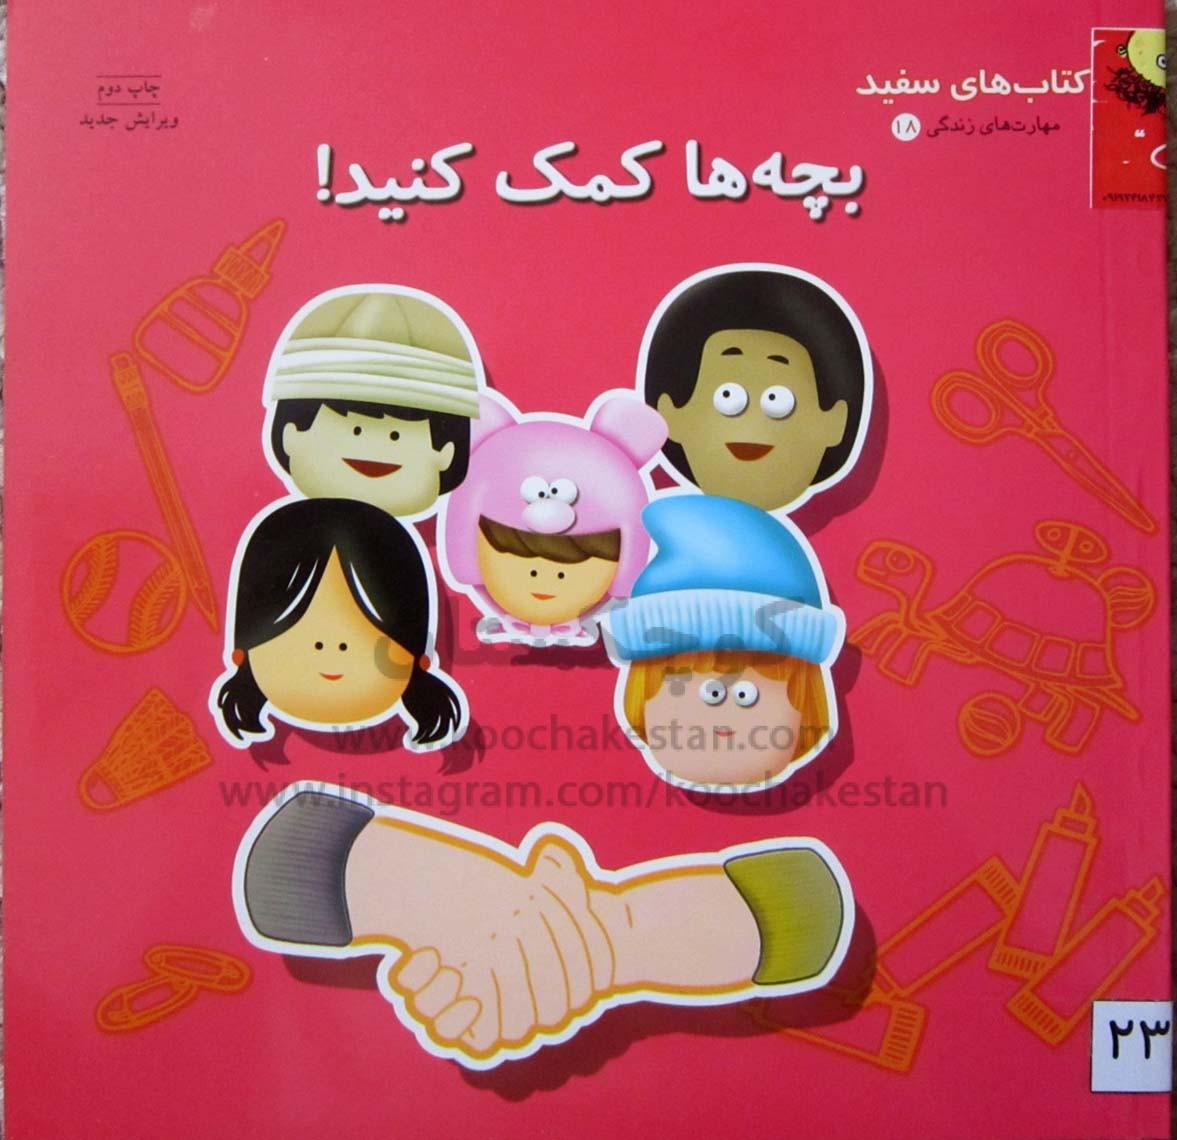 بچه ها کمک کنید - کتابخانه کودک - کوچکستان